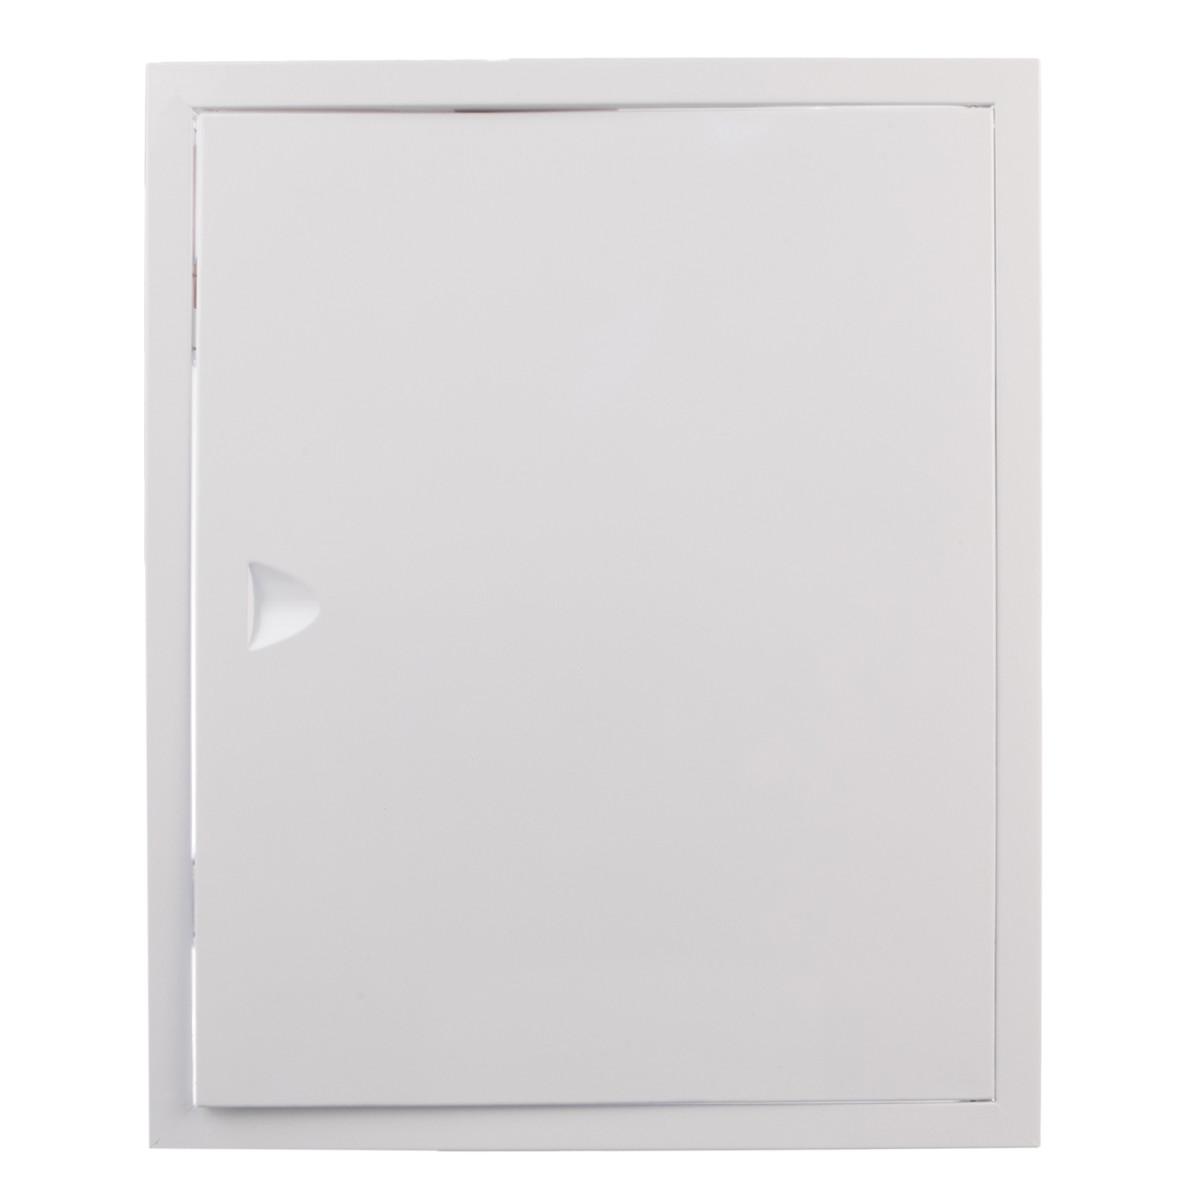 Люк ревизионный Домовент 40х50 см цвет белый